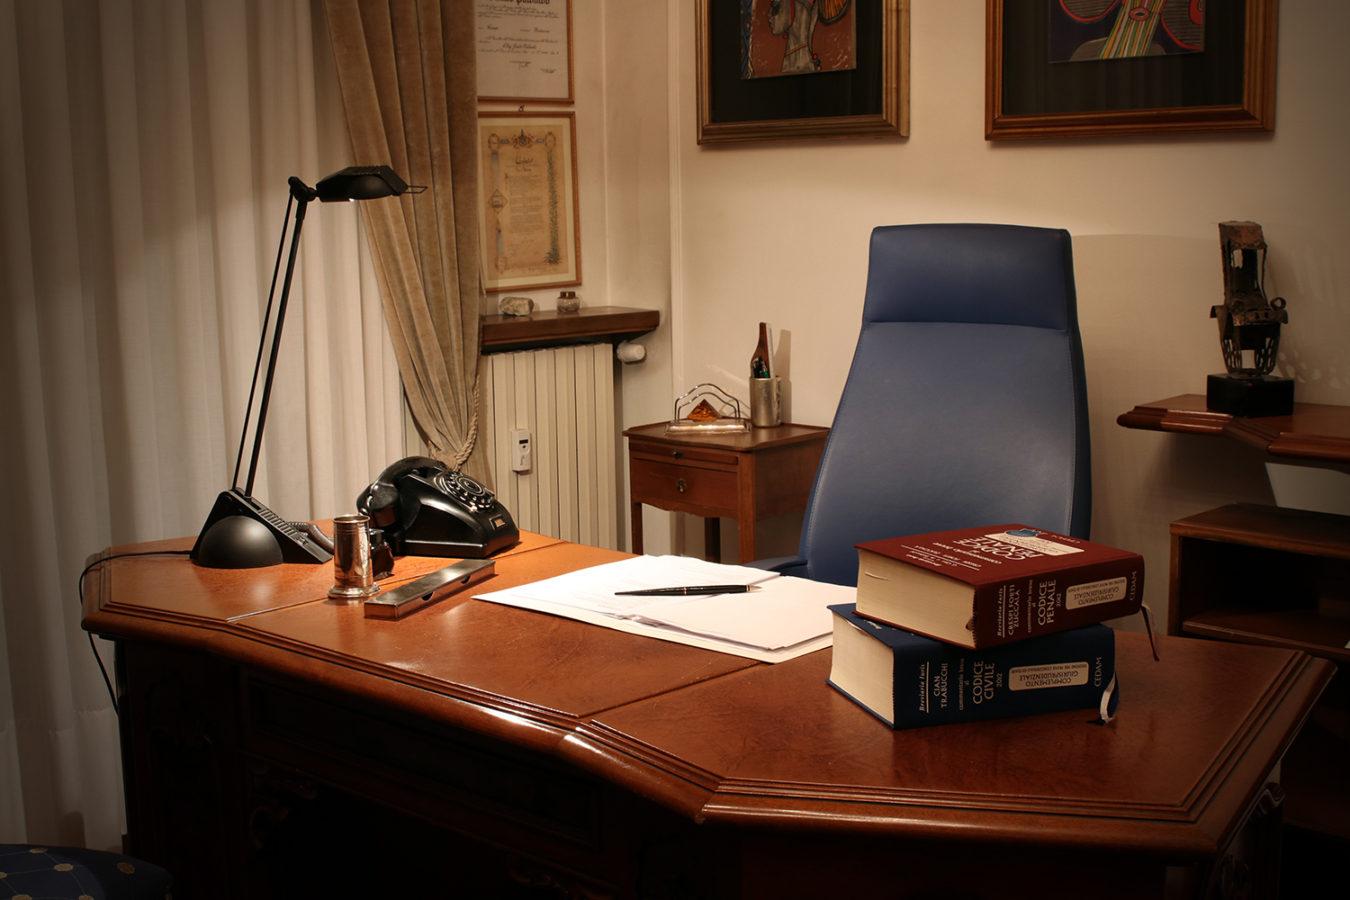 Studio Legale Belviso Palombo - macchina da scrivere - progettazione siti web - Brand imge, studio, legale, avvocati, diritto, logo, marchio, vettoriale, immagine coordinata, foto, fotografie, immagini, shooting, progetto, sito web.